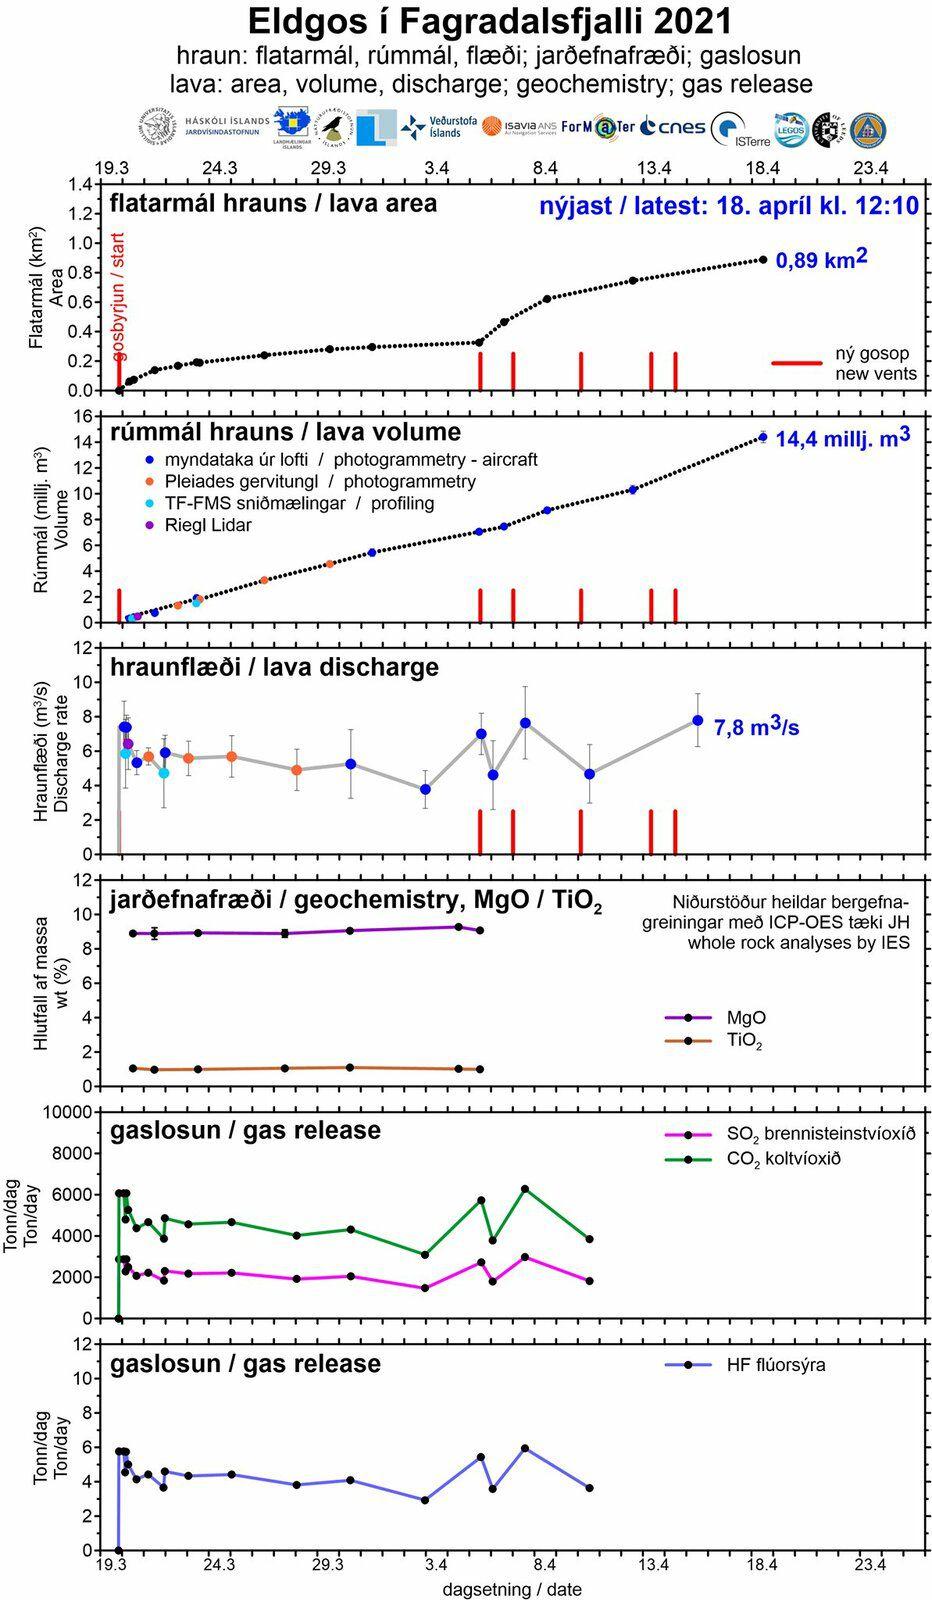 Paramètres de l'éruption à Fagradalsjall (comme semble la désigner les instances), au 18 avril 2021 / 12h10: surface et volume occupés par la lave – ratio de décharge – composition – taux d'émission journalière du SO2, du CO2 et de l'acide fluorhydrique . Univ. D'Islande , IMO & al.